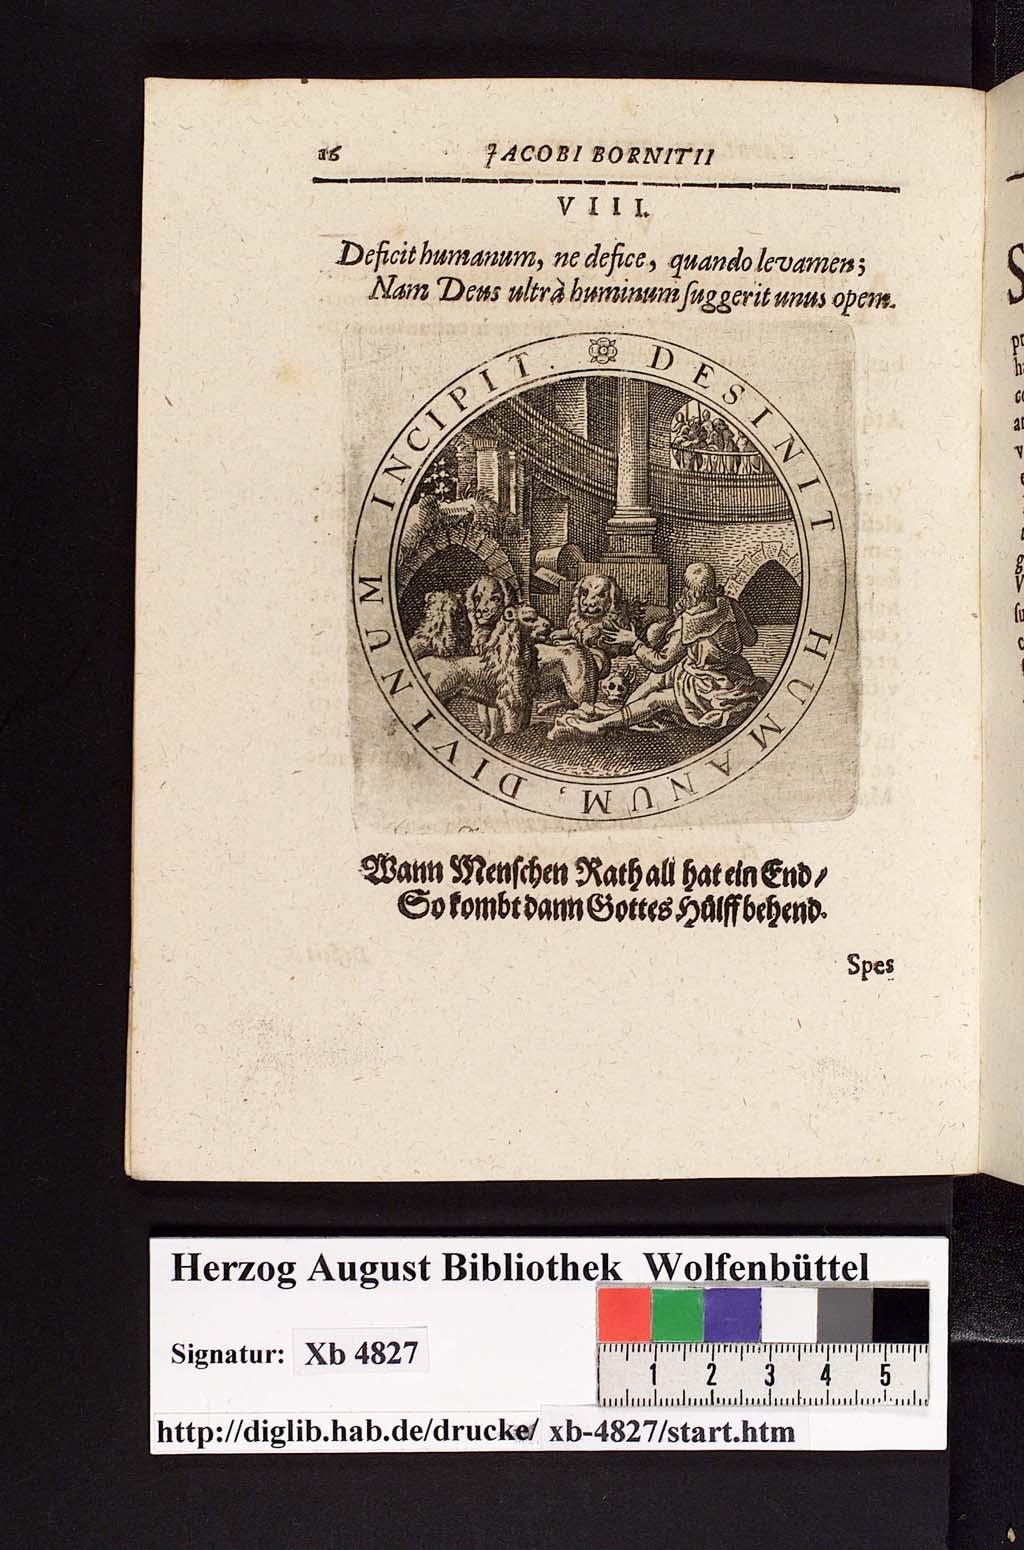 http://diglib.hab.de/drucke/xb-4827/00019.jpg